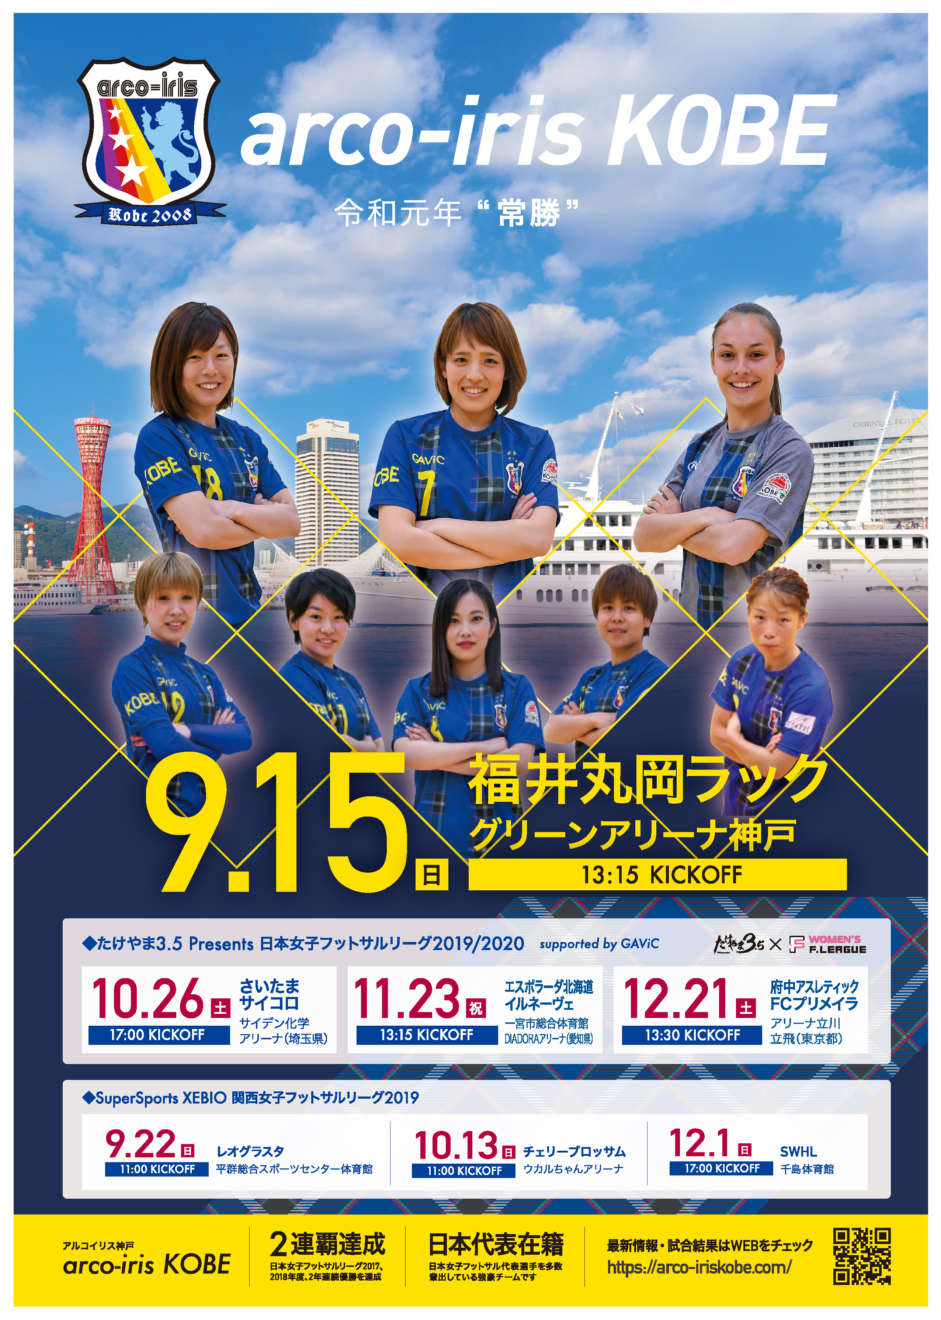 9月15日はホームゲームの日!日本女子フットサルリーグが神戸で開催!